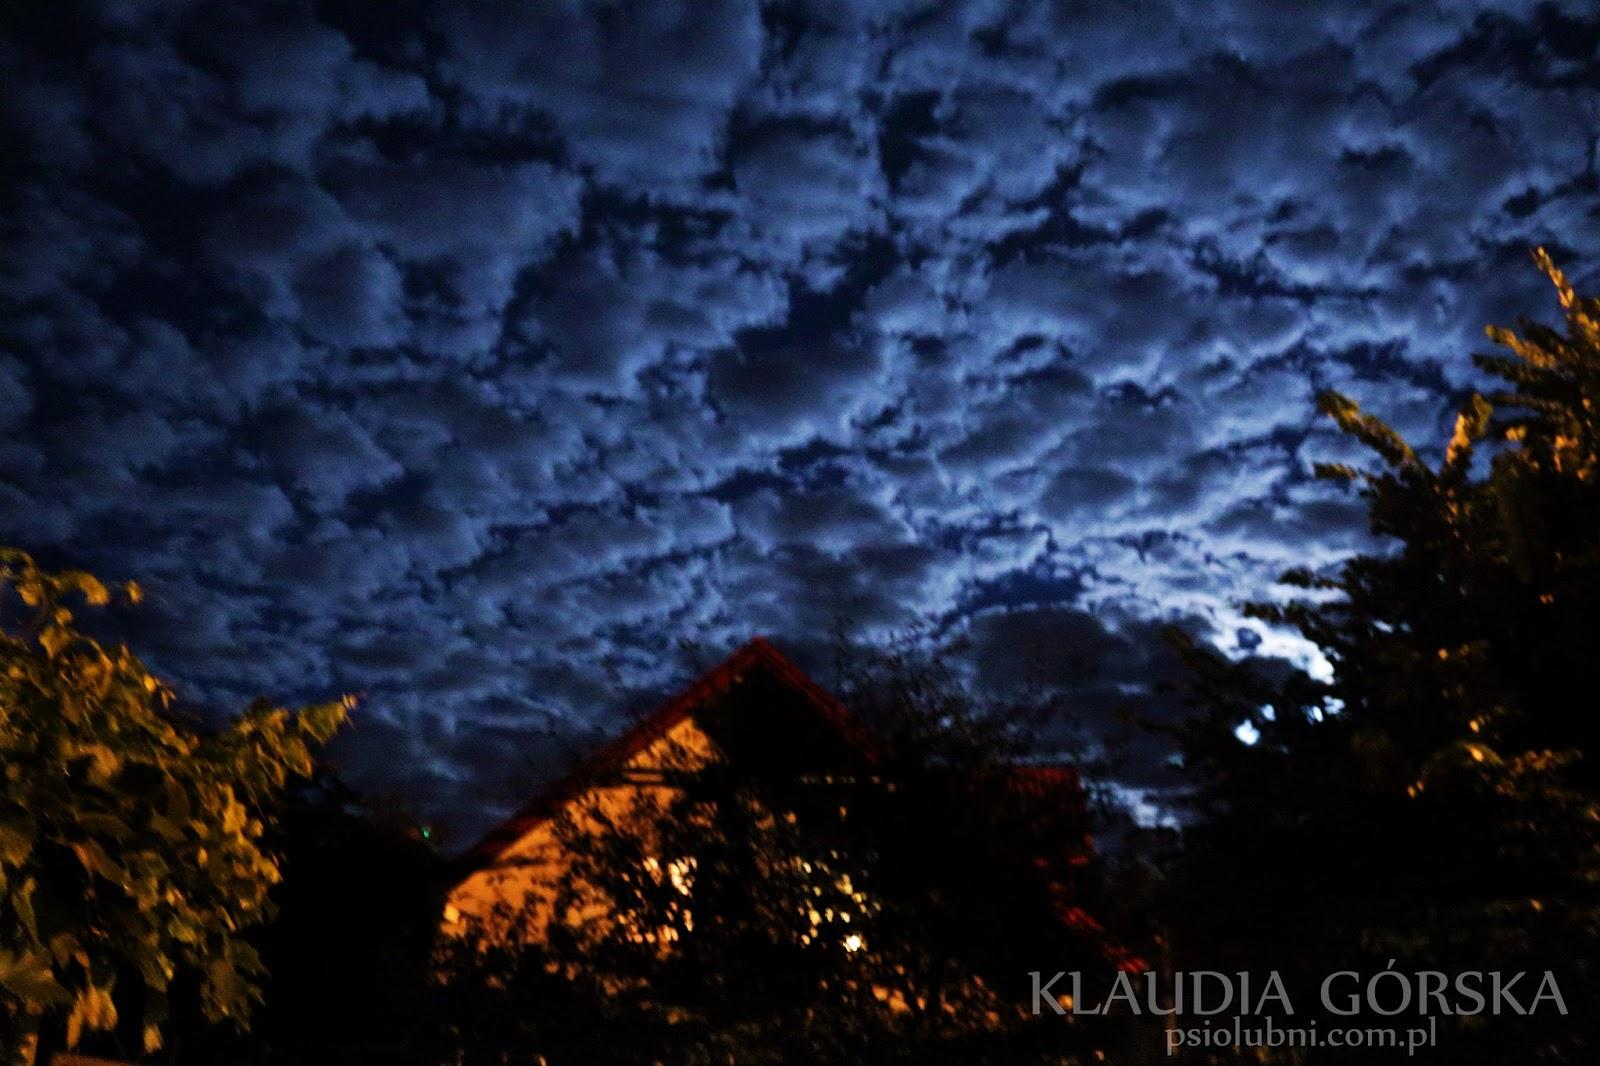 zdjęcie nocą, zdjęcie nieba, zdjęcie nieba nocą, granatowy, domek, księżyc, kolory, psy,